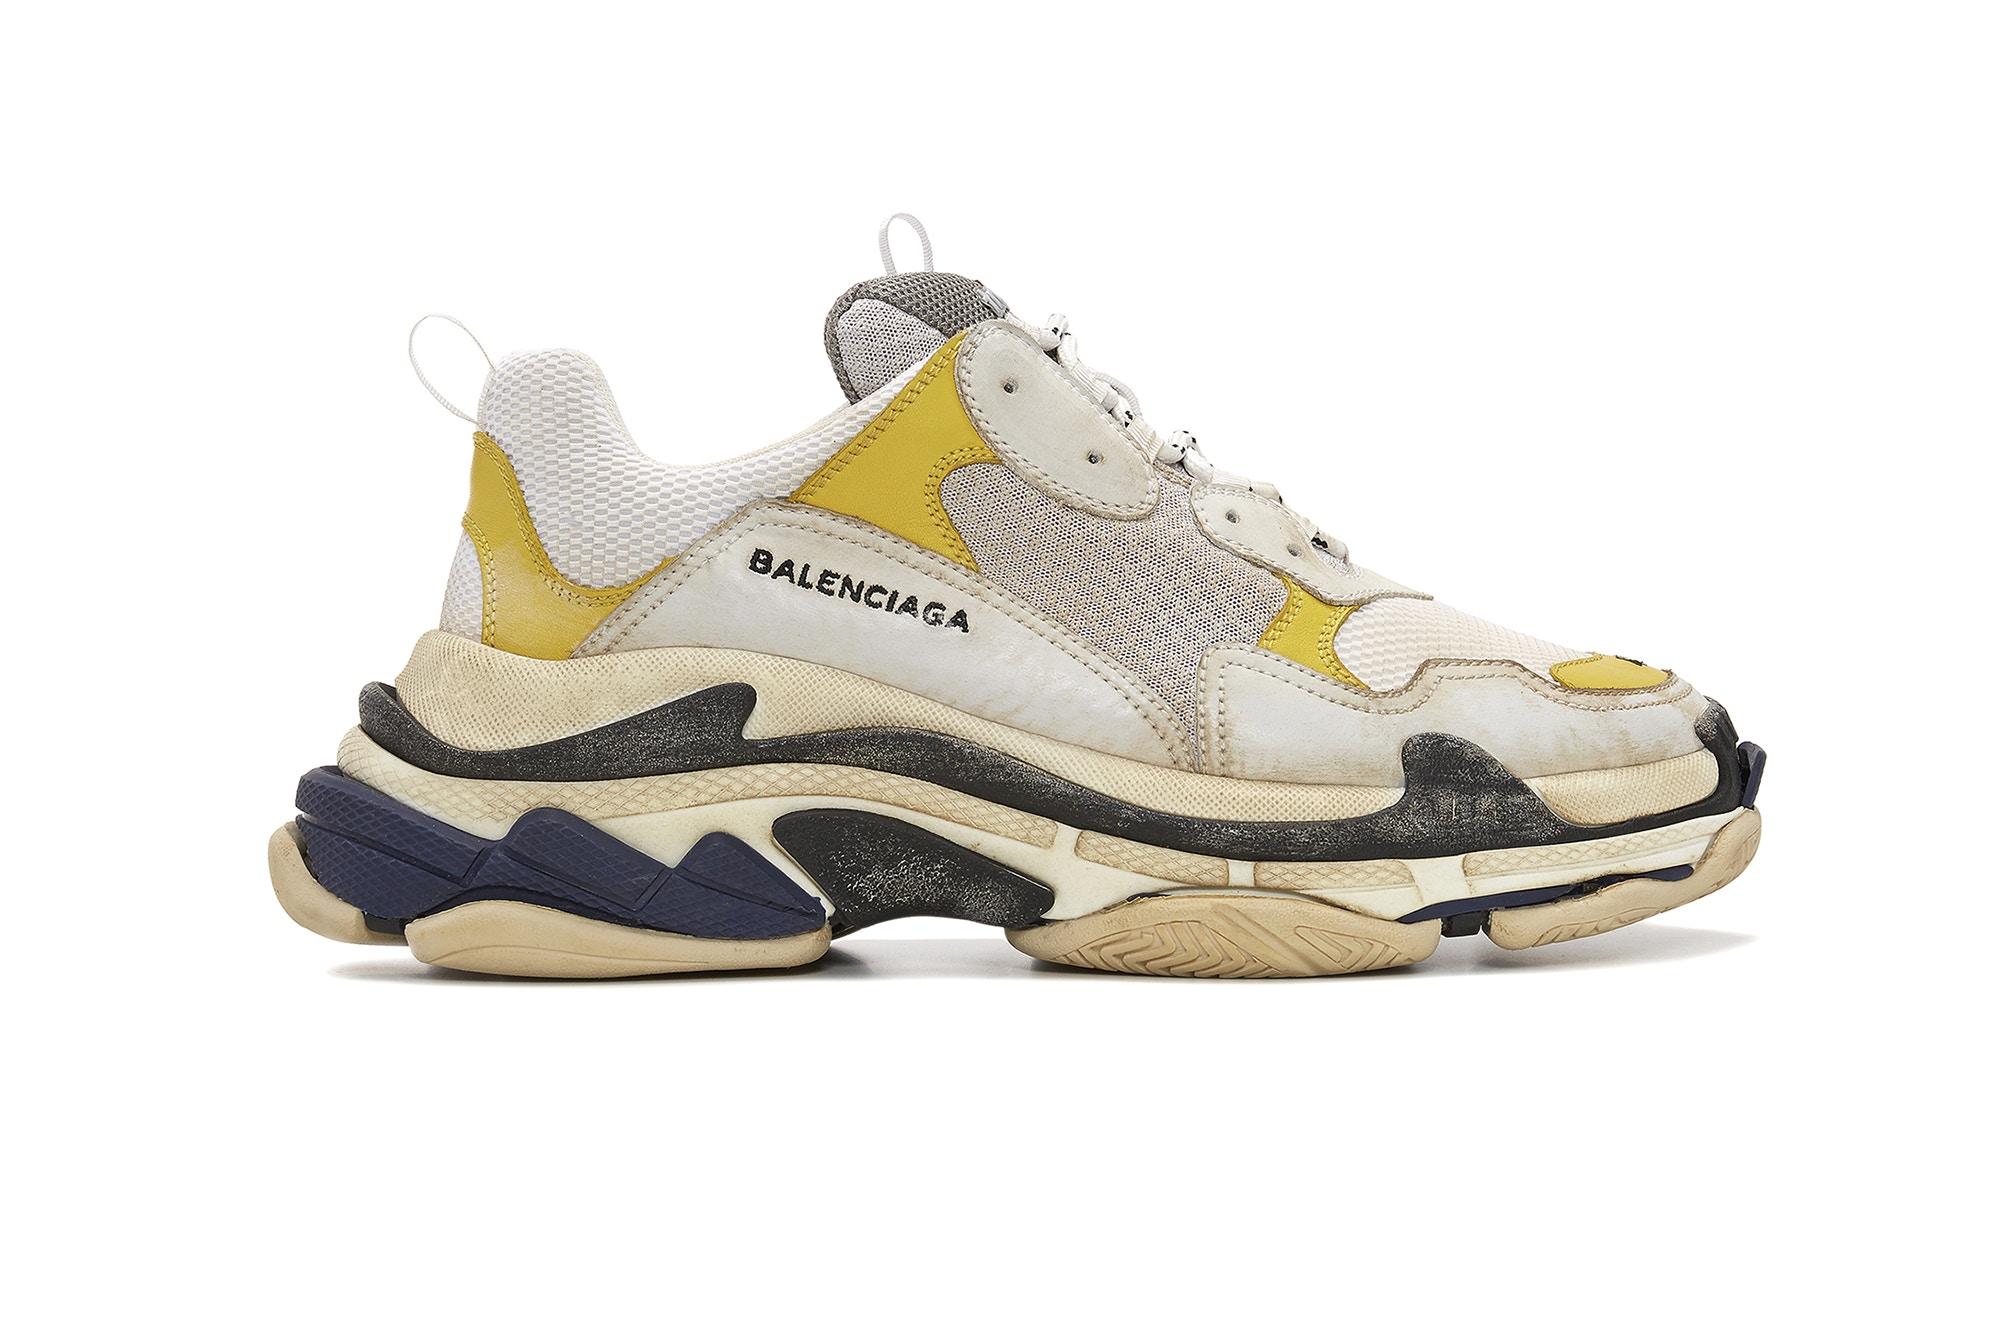 Balenciaga Shoes Cheap, Fake Balenciaga Track 2 Shoes Sale